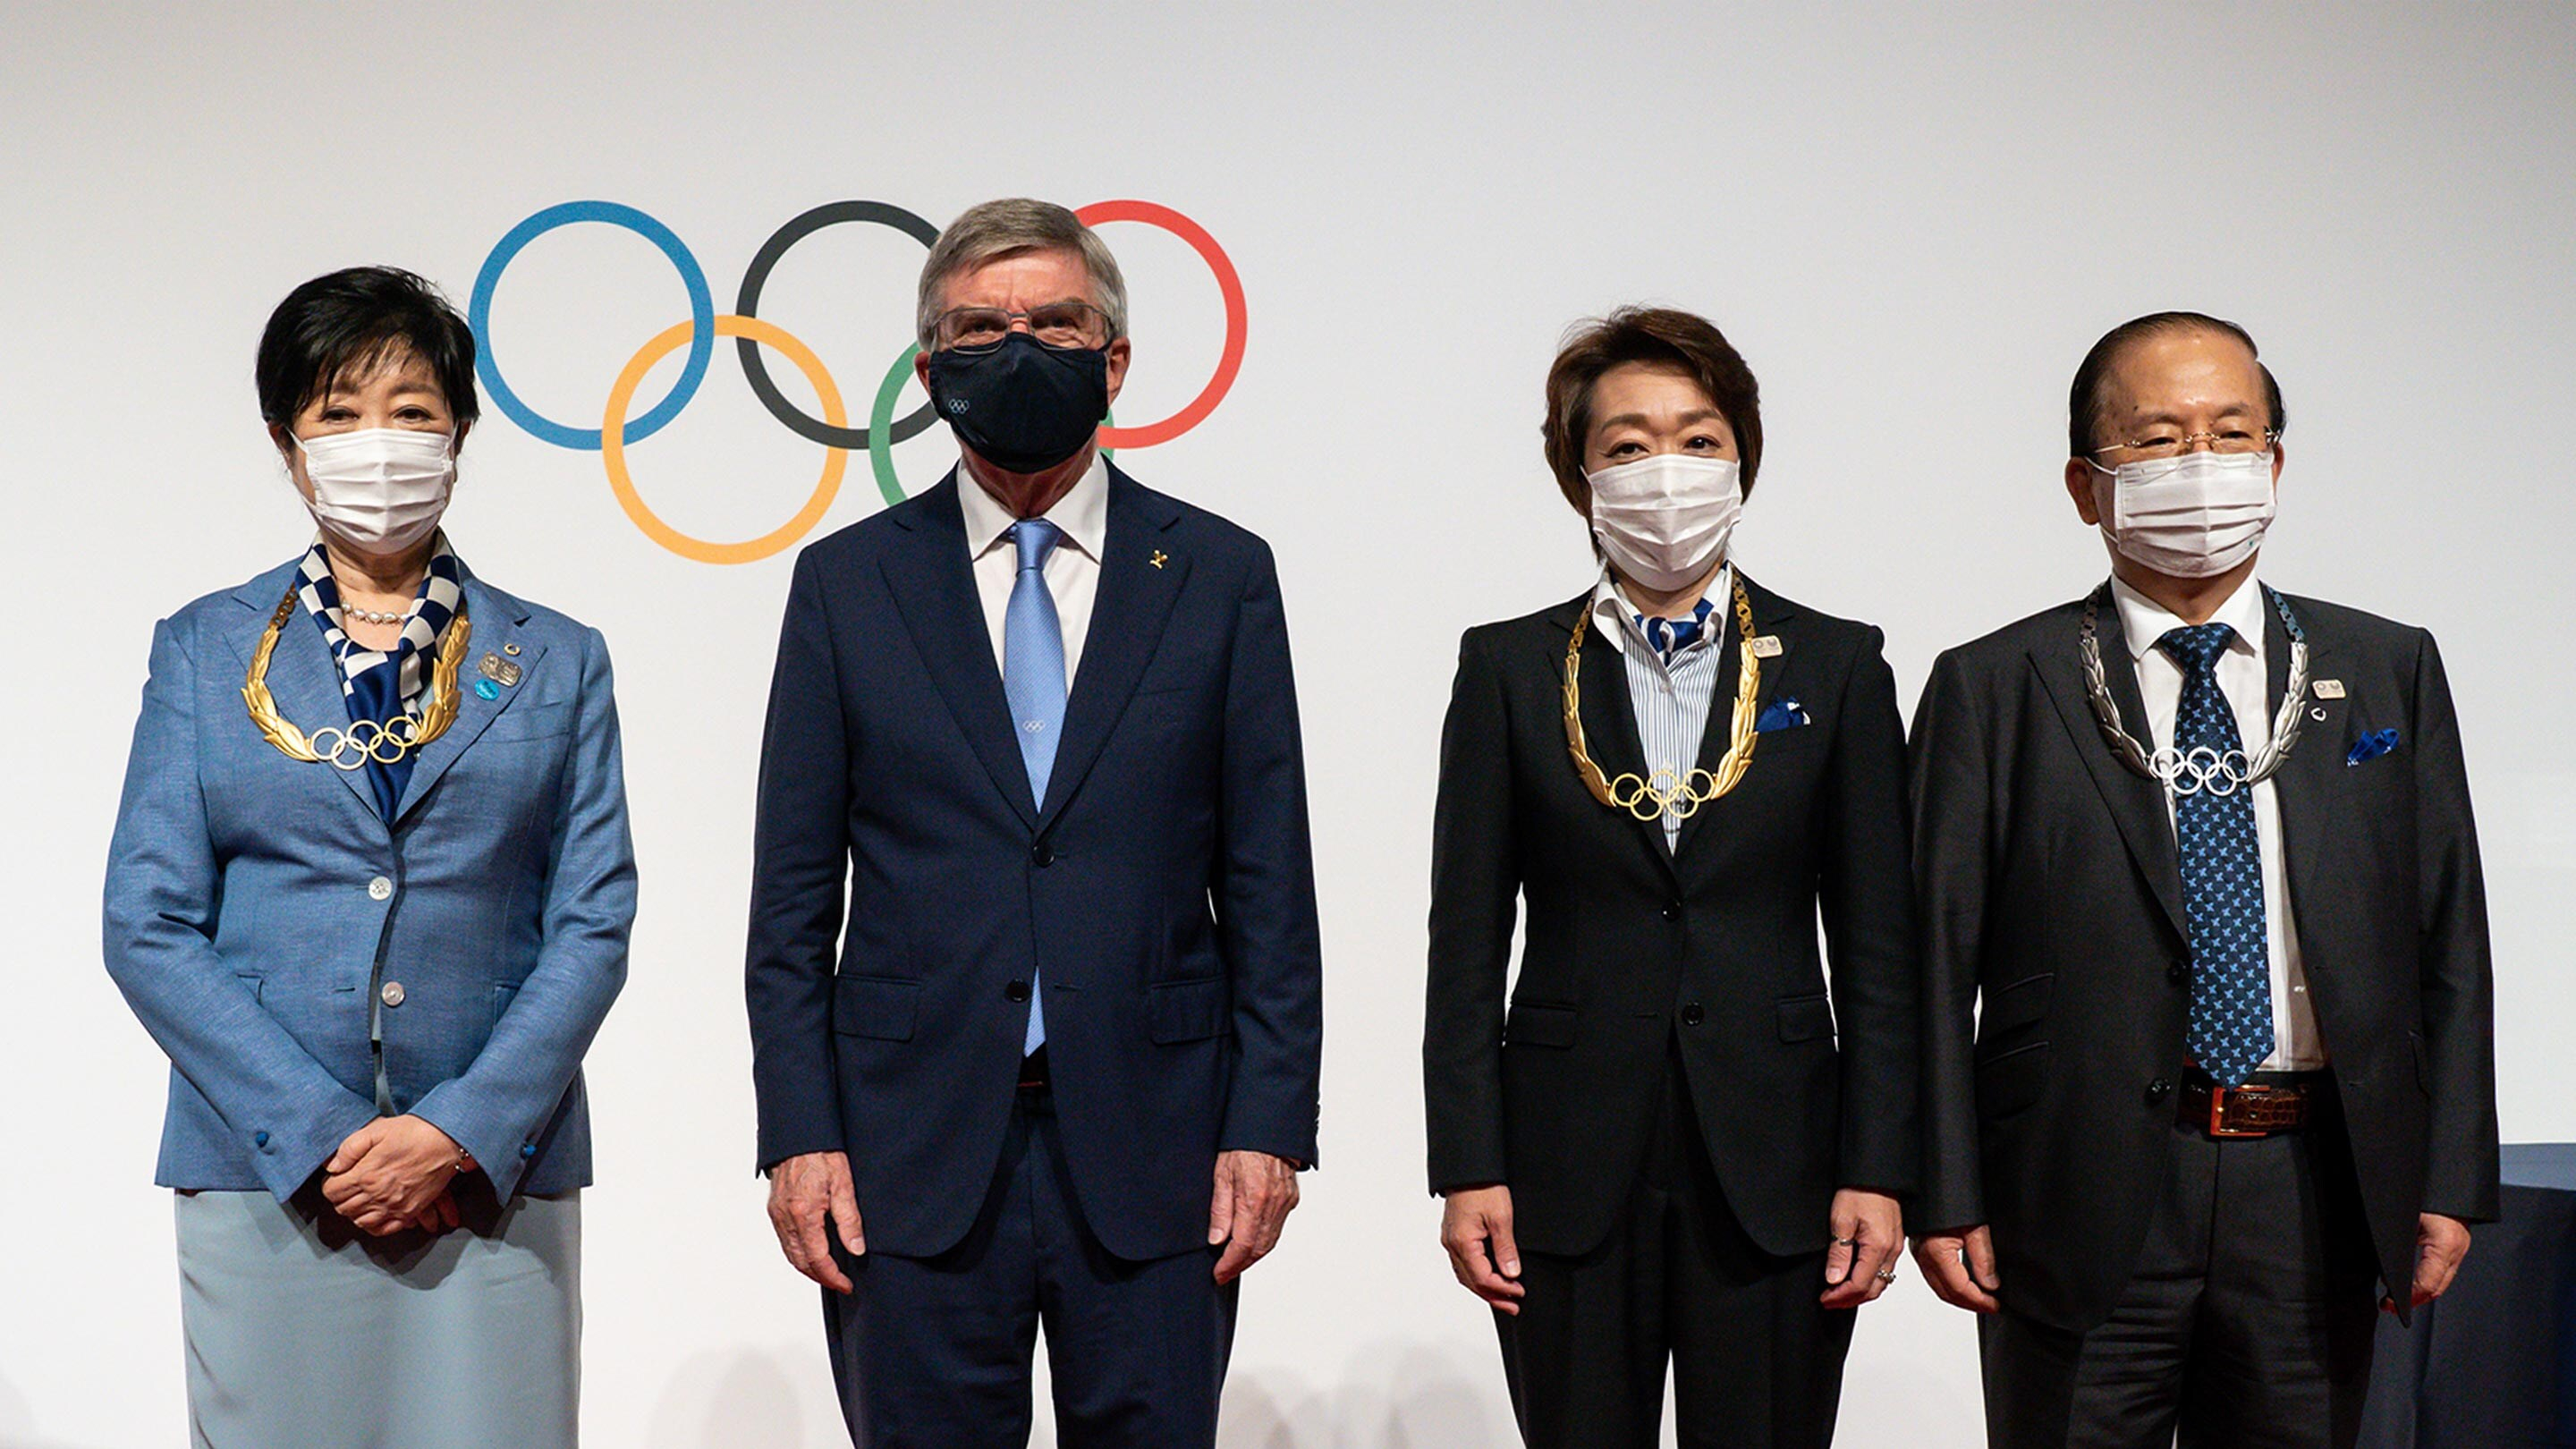 Presidente del COI agradece a Japón al otorgar la Orden Olímpica a responsables Tokio 2020